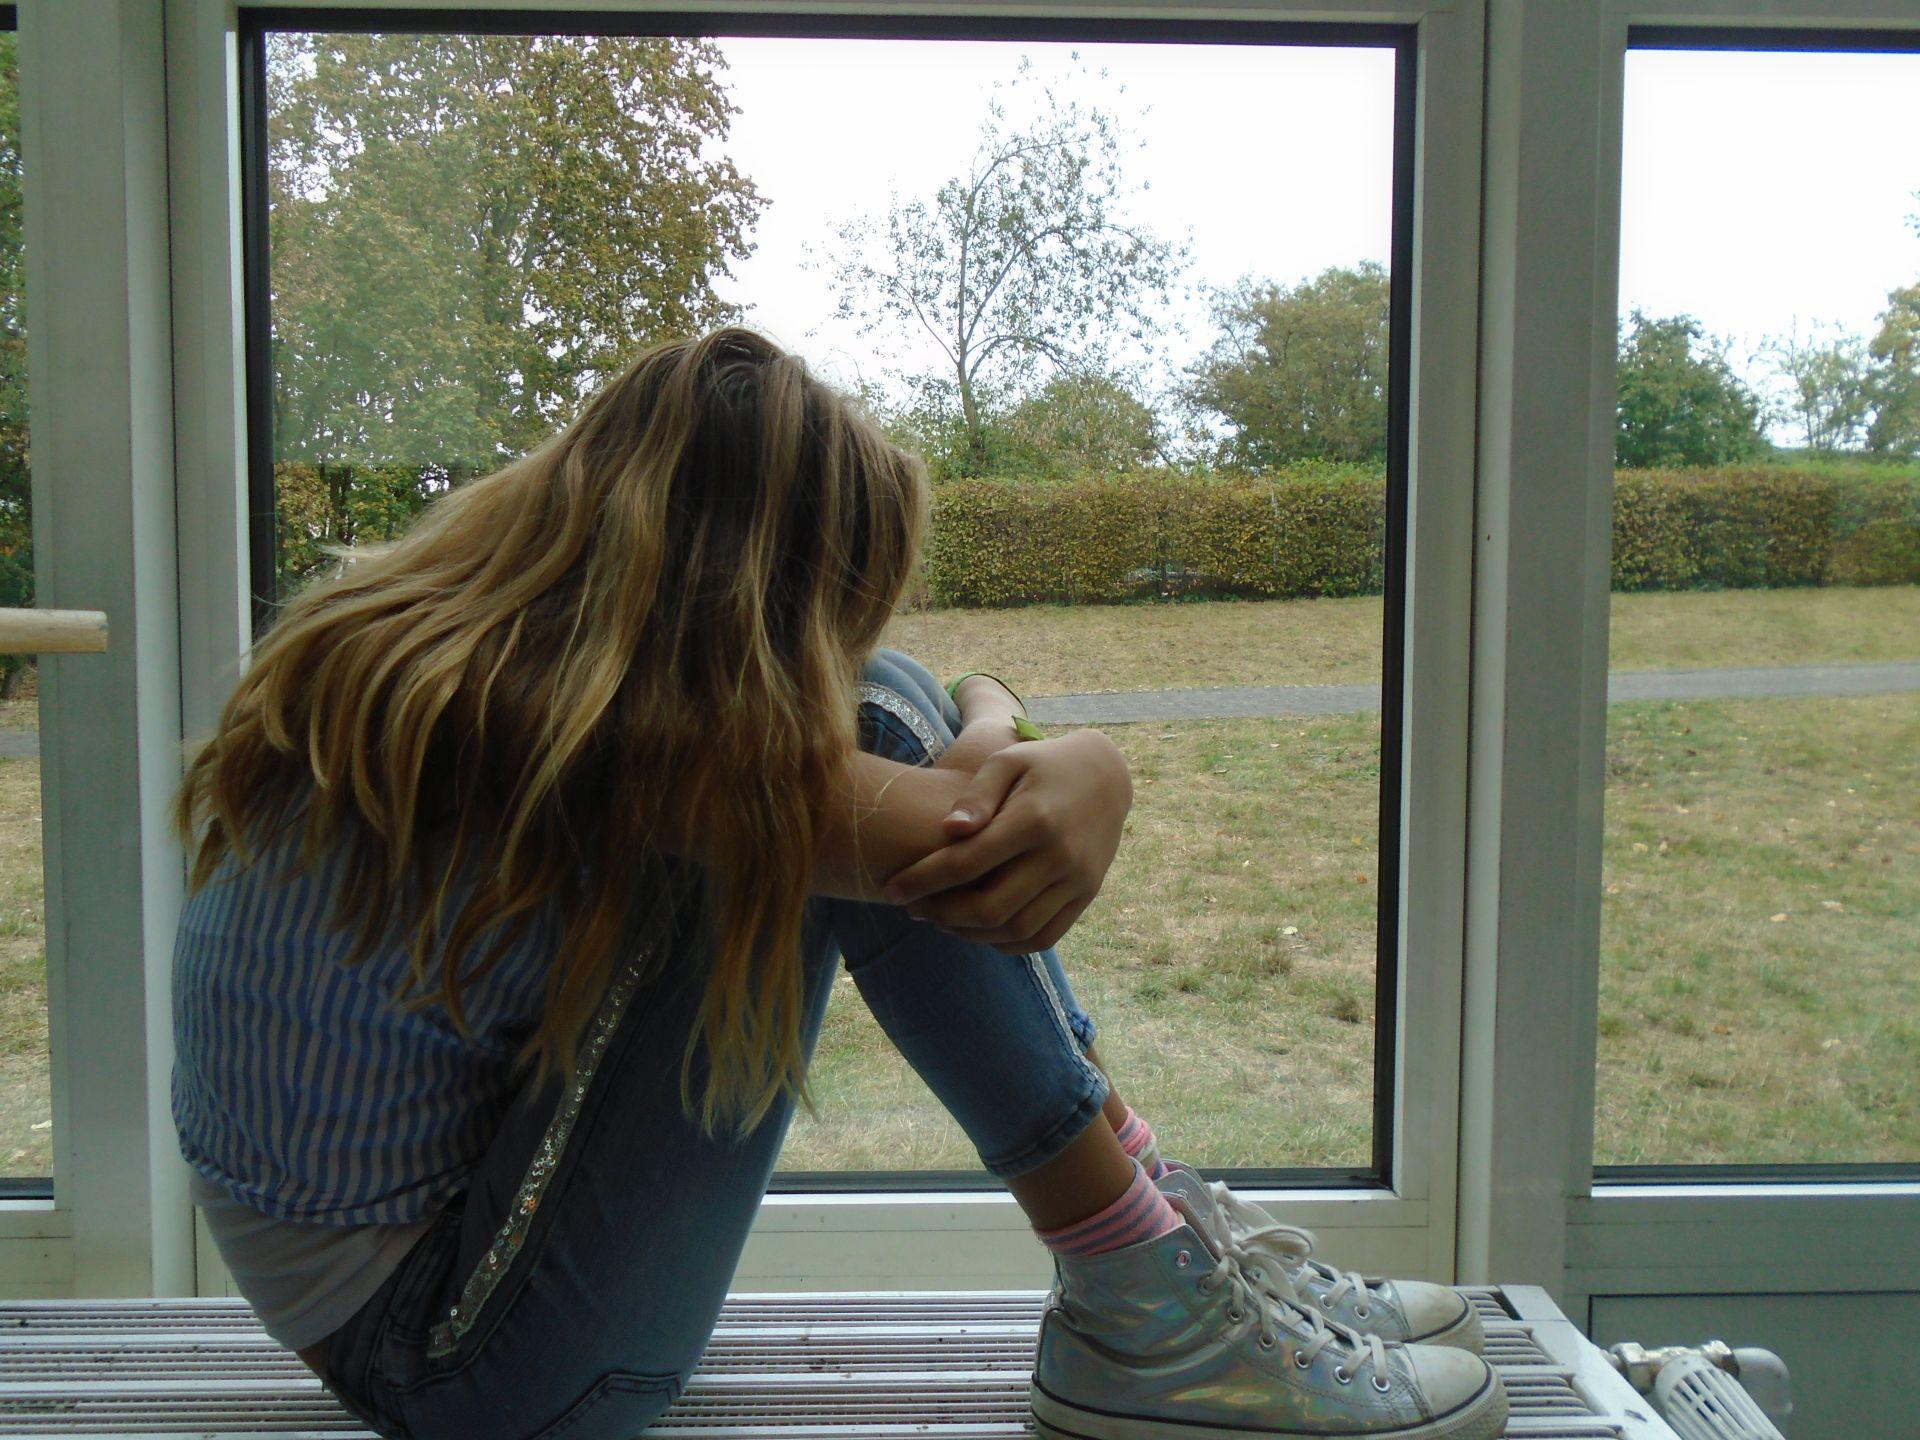 Mädchen sitzt mit angewinkelten beinen auf einer Heizung vor dem Fenster